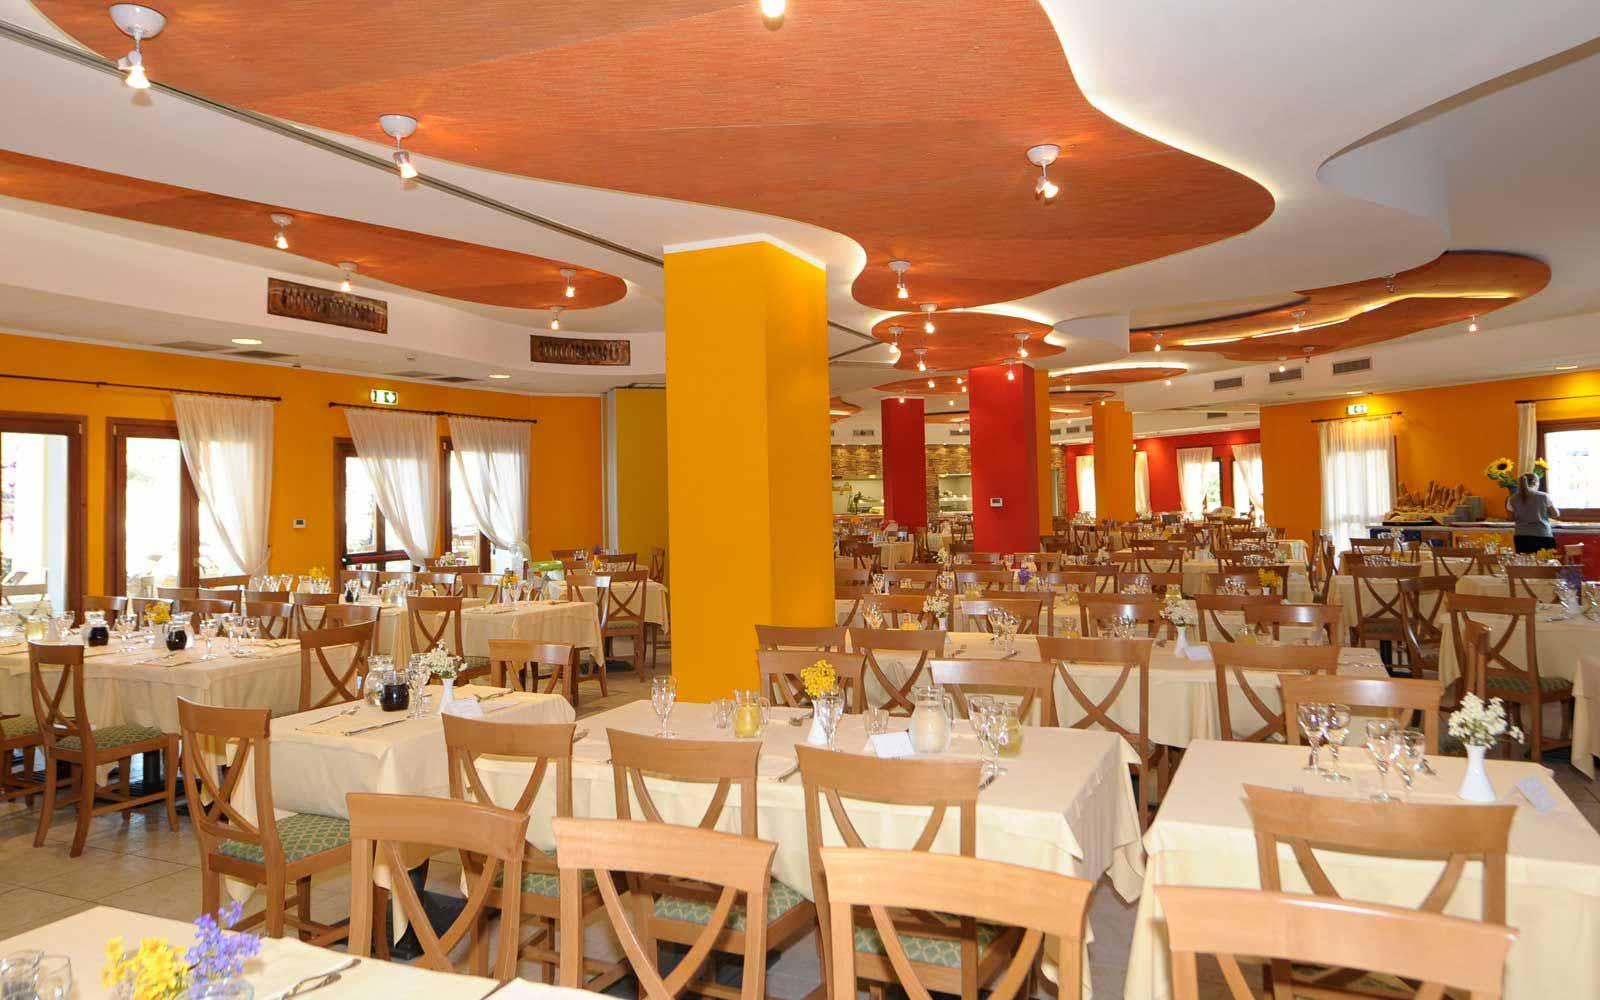 Restaurant at Blu Hotel Morisco